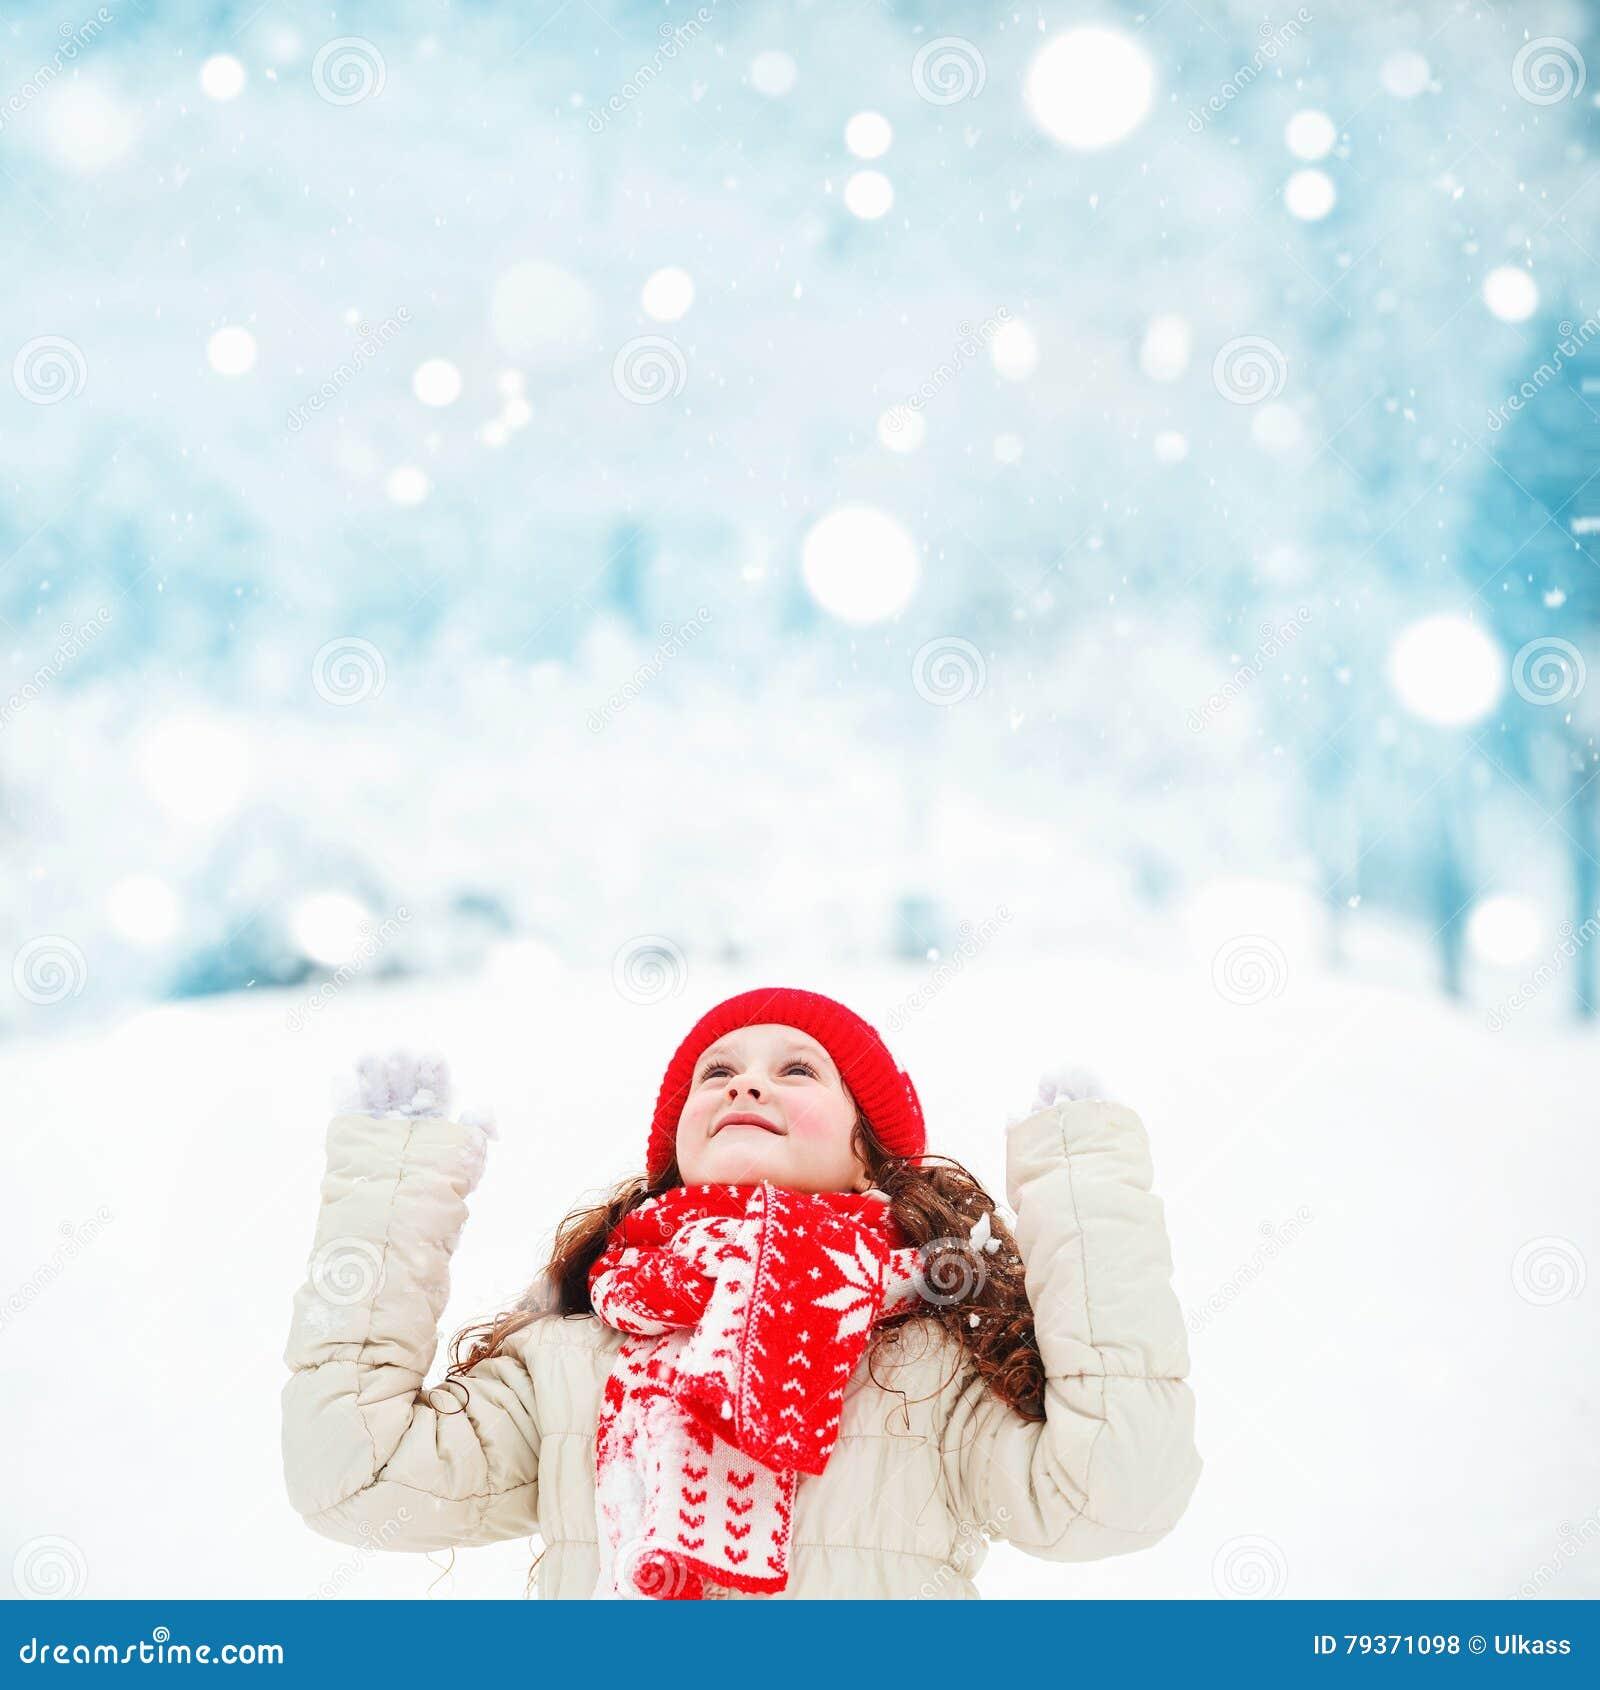 El niño hermoso estira su mano para coger los copos de nieve que caen fb1569aca4f